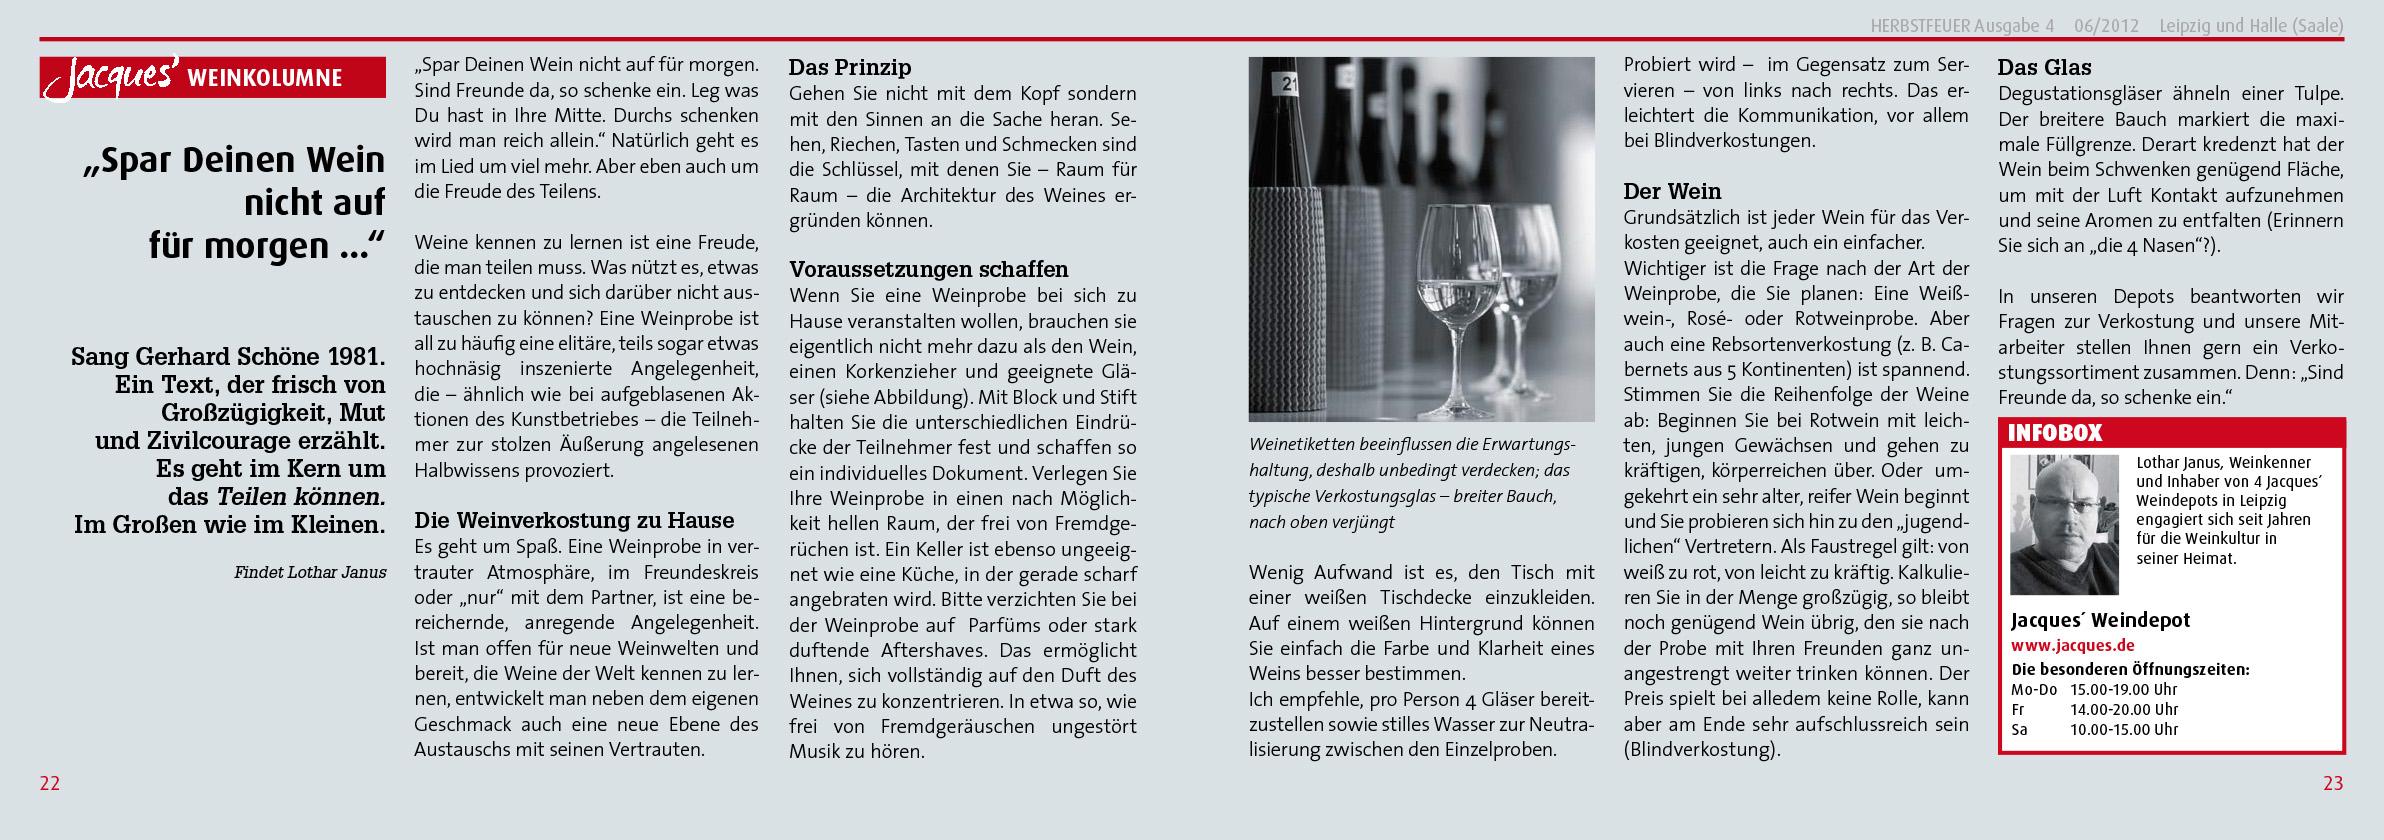 PR Kampagne für Jacques' Wein-Depot; HERBSTFEUER® Nr. 4, 2012